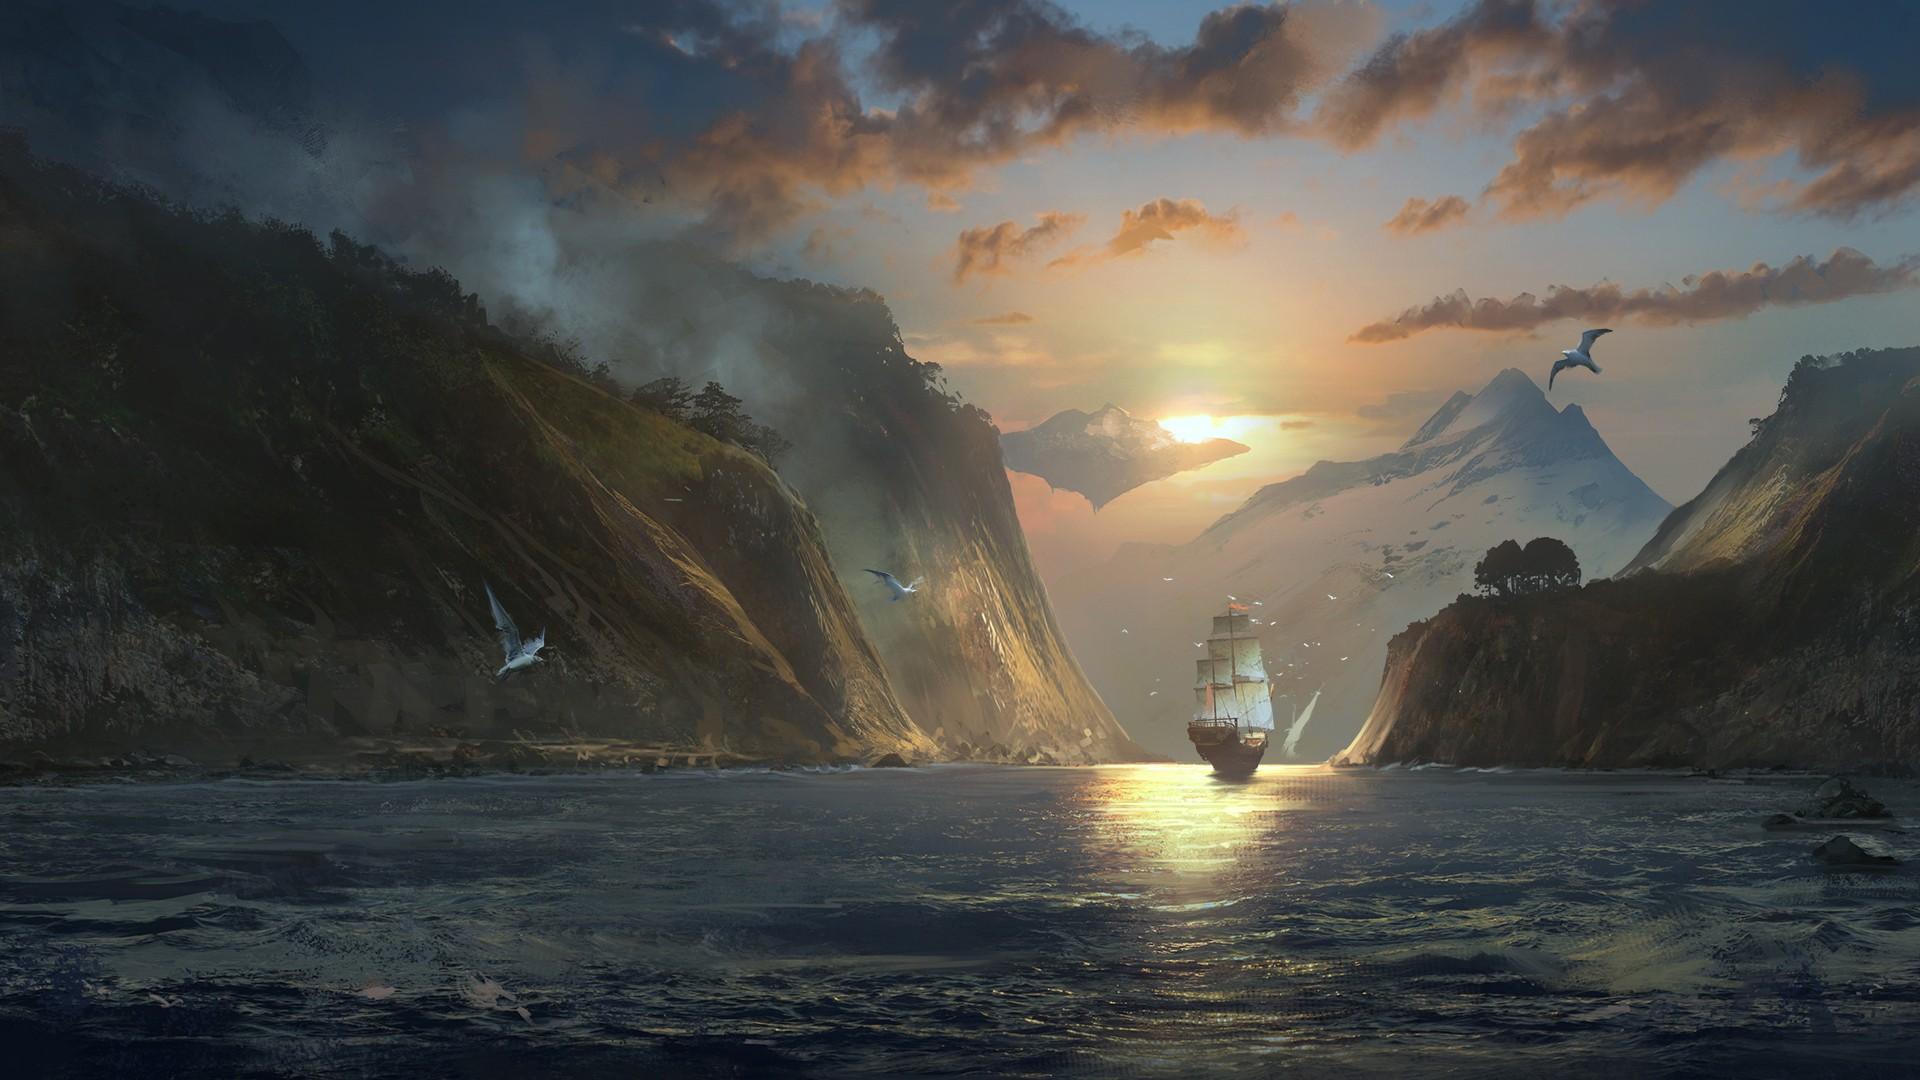 Breaking Dawn Wallpaper Hd Sergey Zabelin Digital Art Nature Landscape Clouds